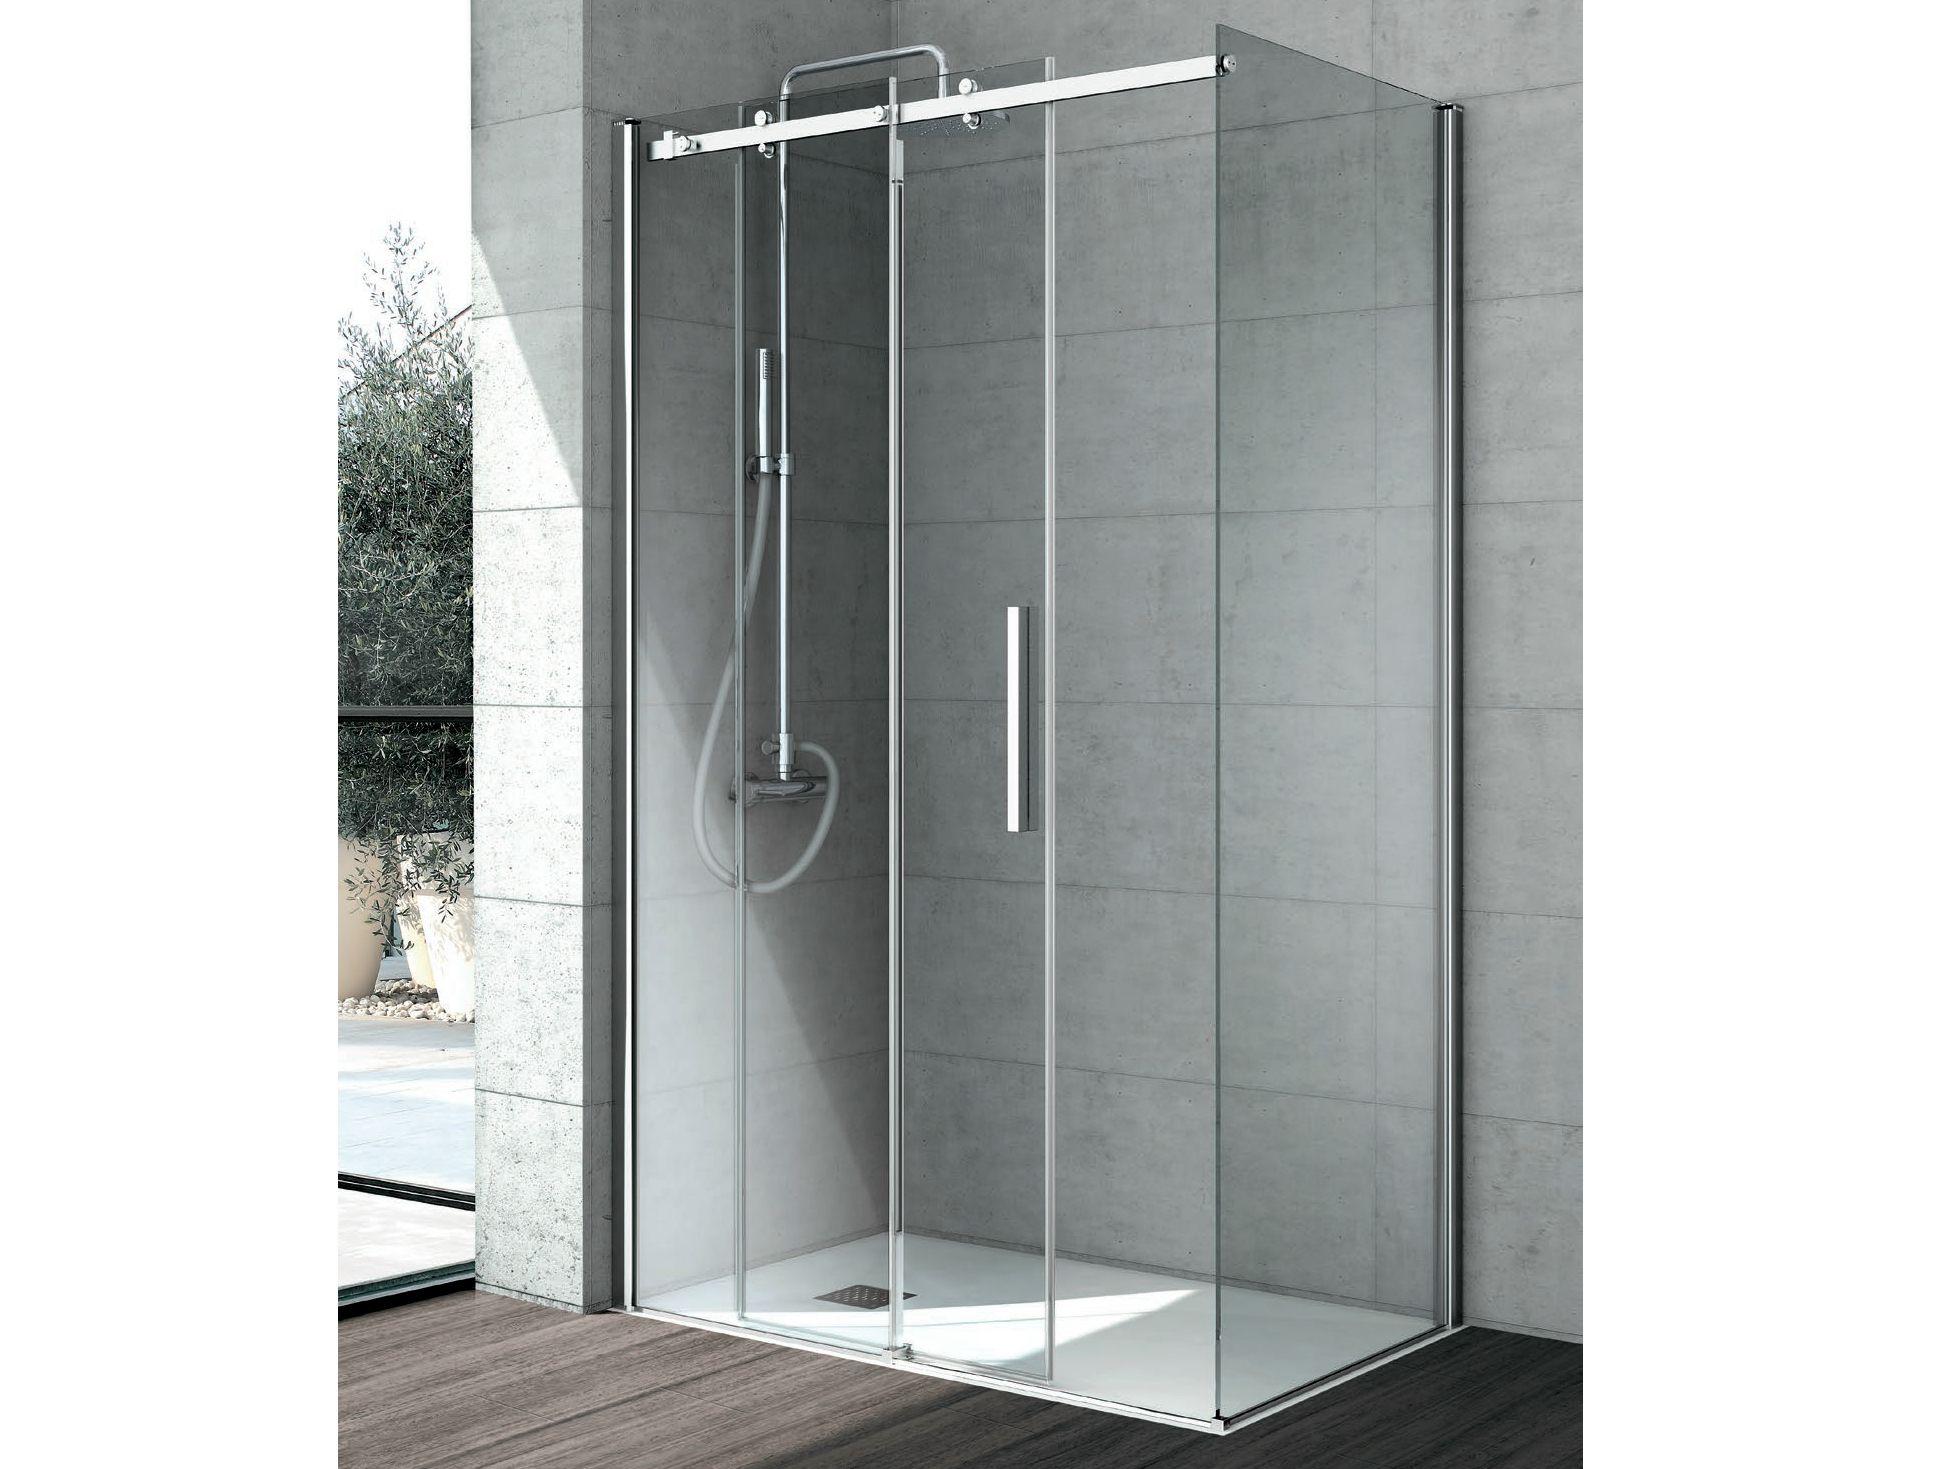 Box doccia cristallo costo la migliore scelta di casa e - Idee box doccia ...